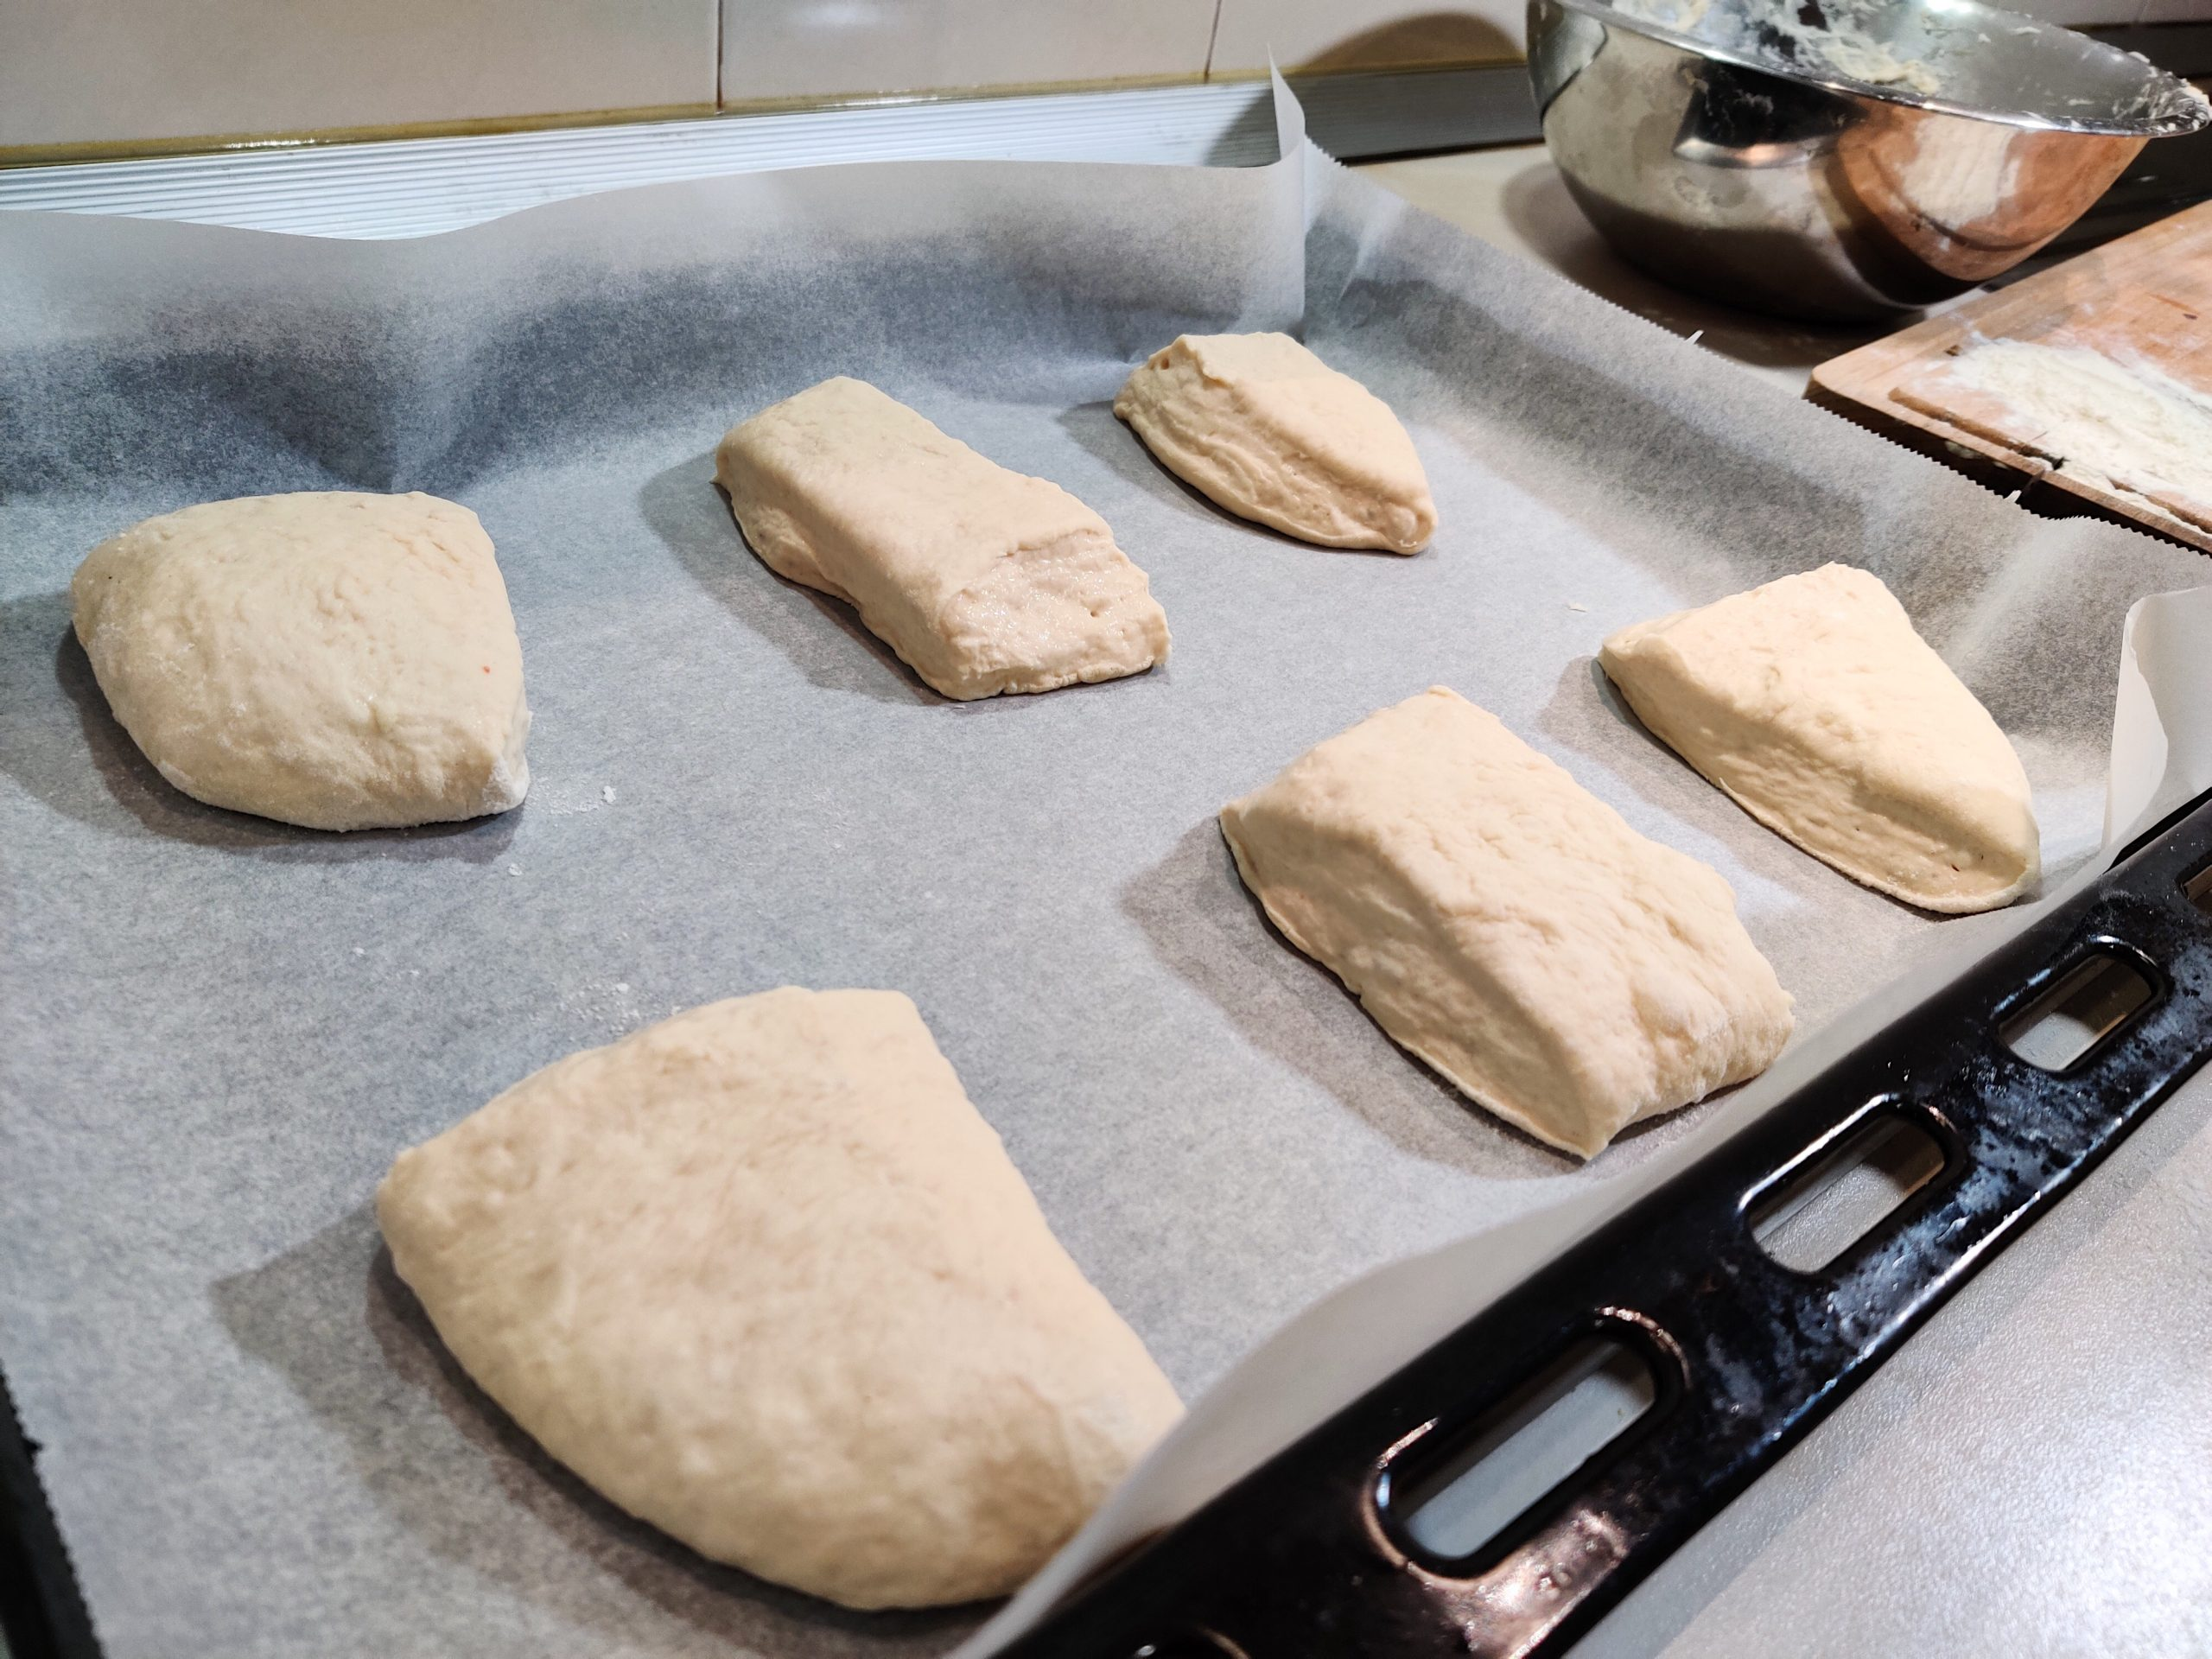 pieces of dough